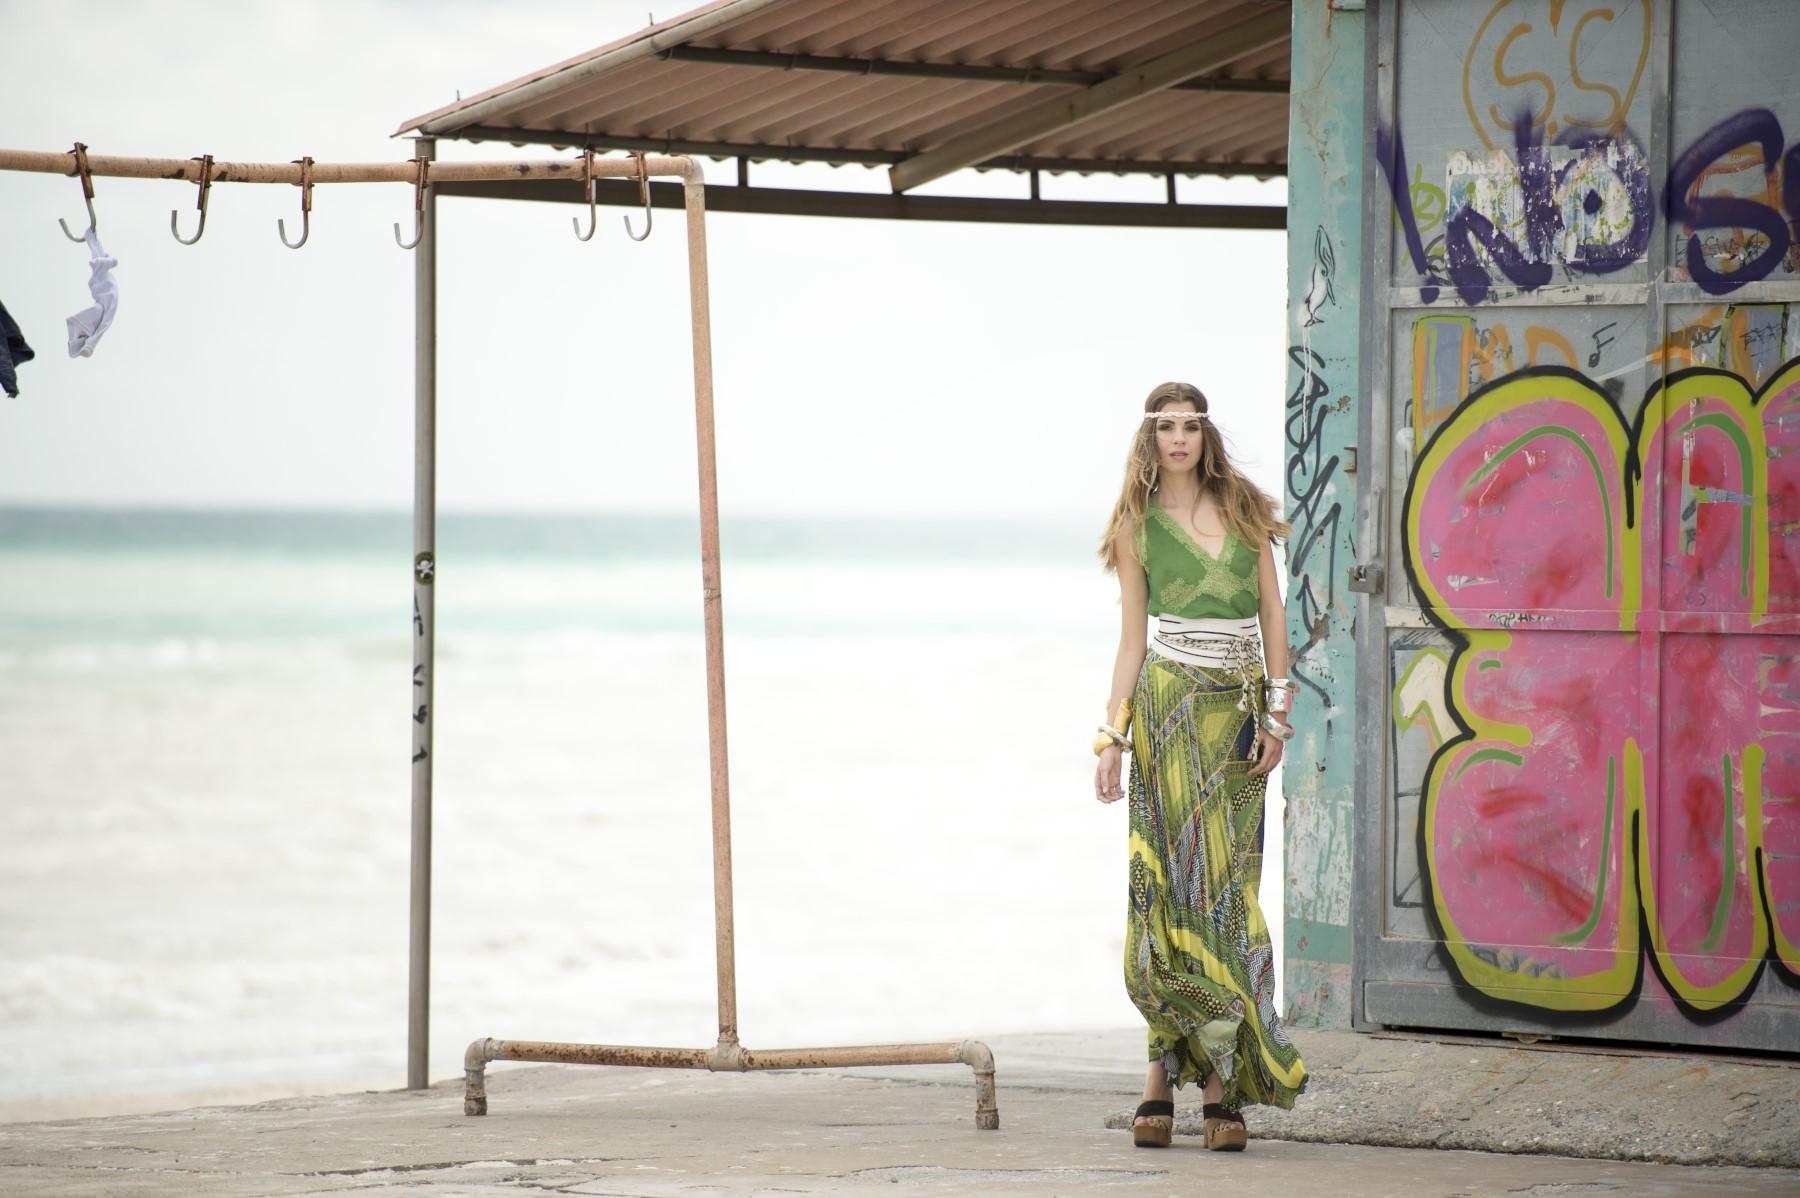 ROP70_041_editoriale Fashion/Adv